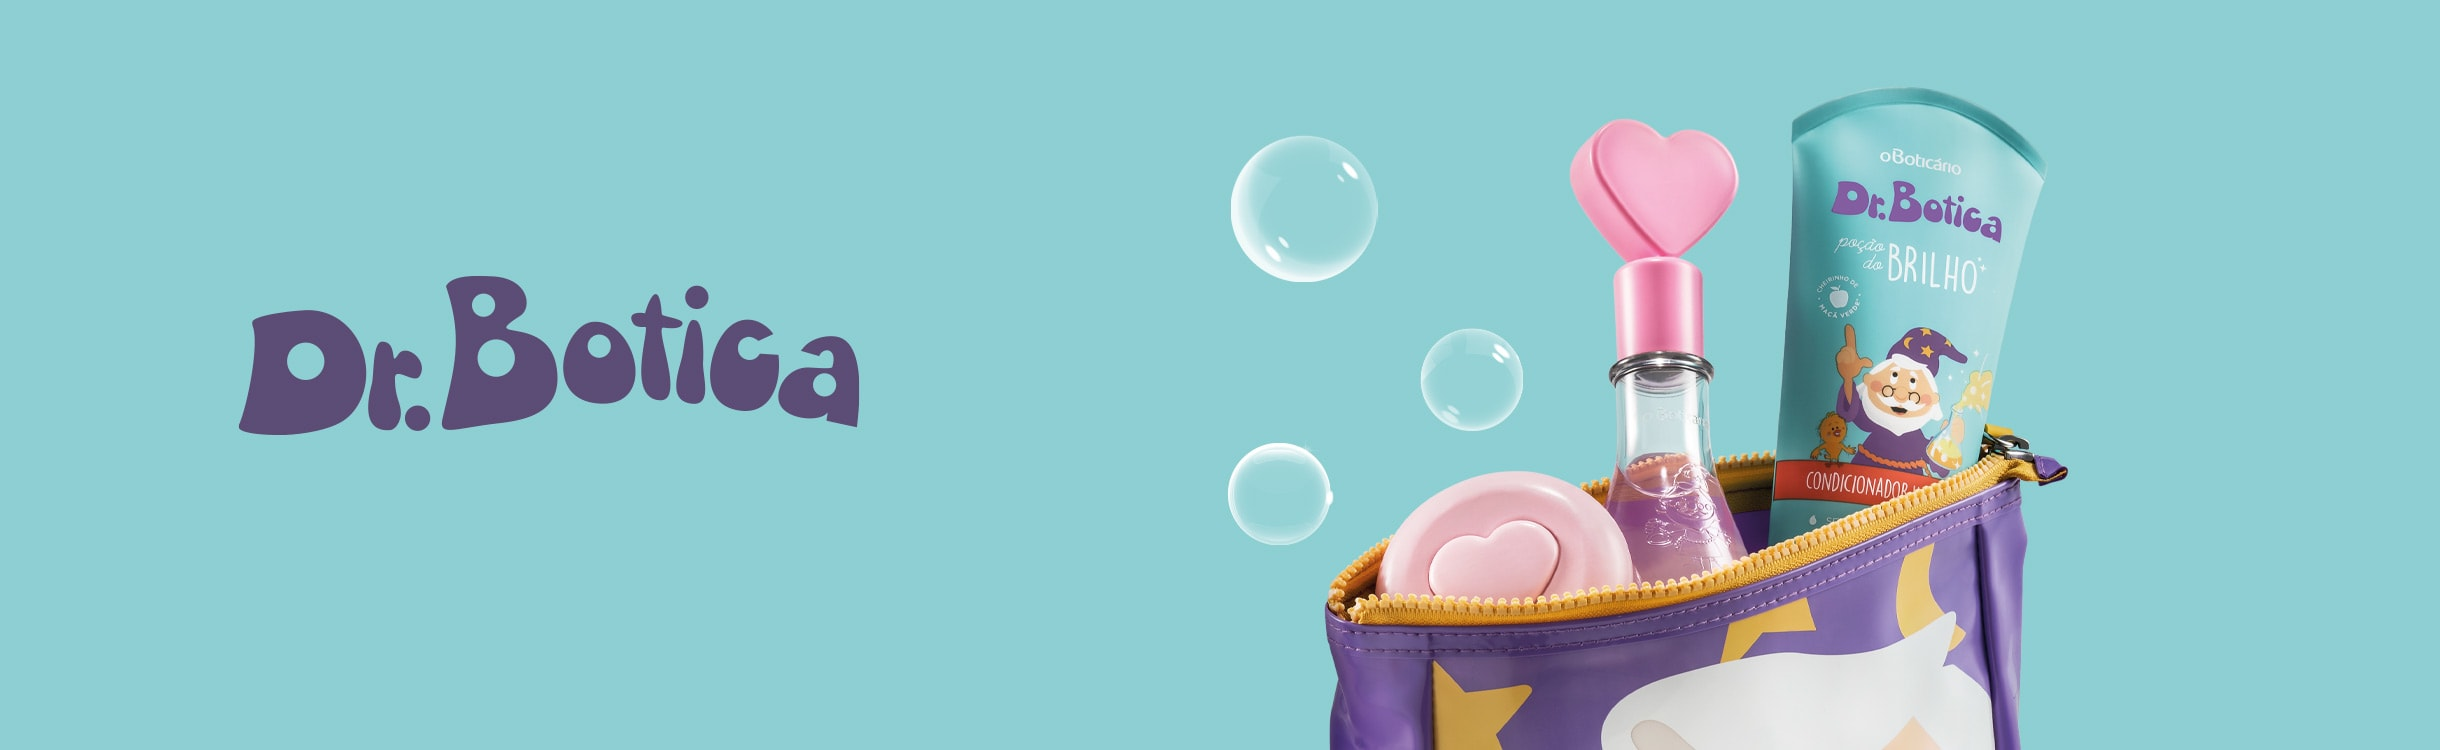 Dr botica Cuidados para pele Kits de tratamento